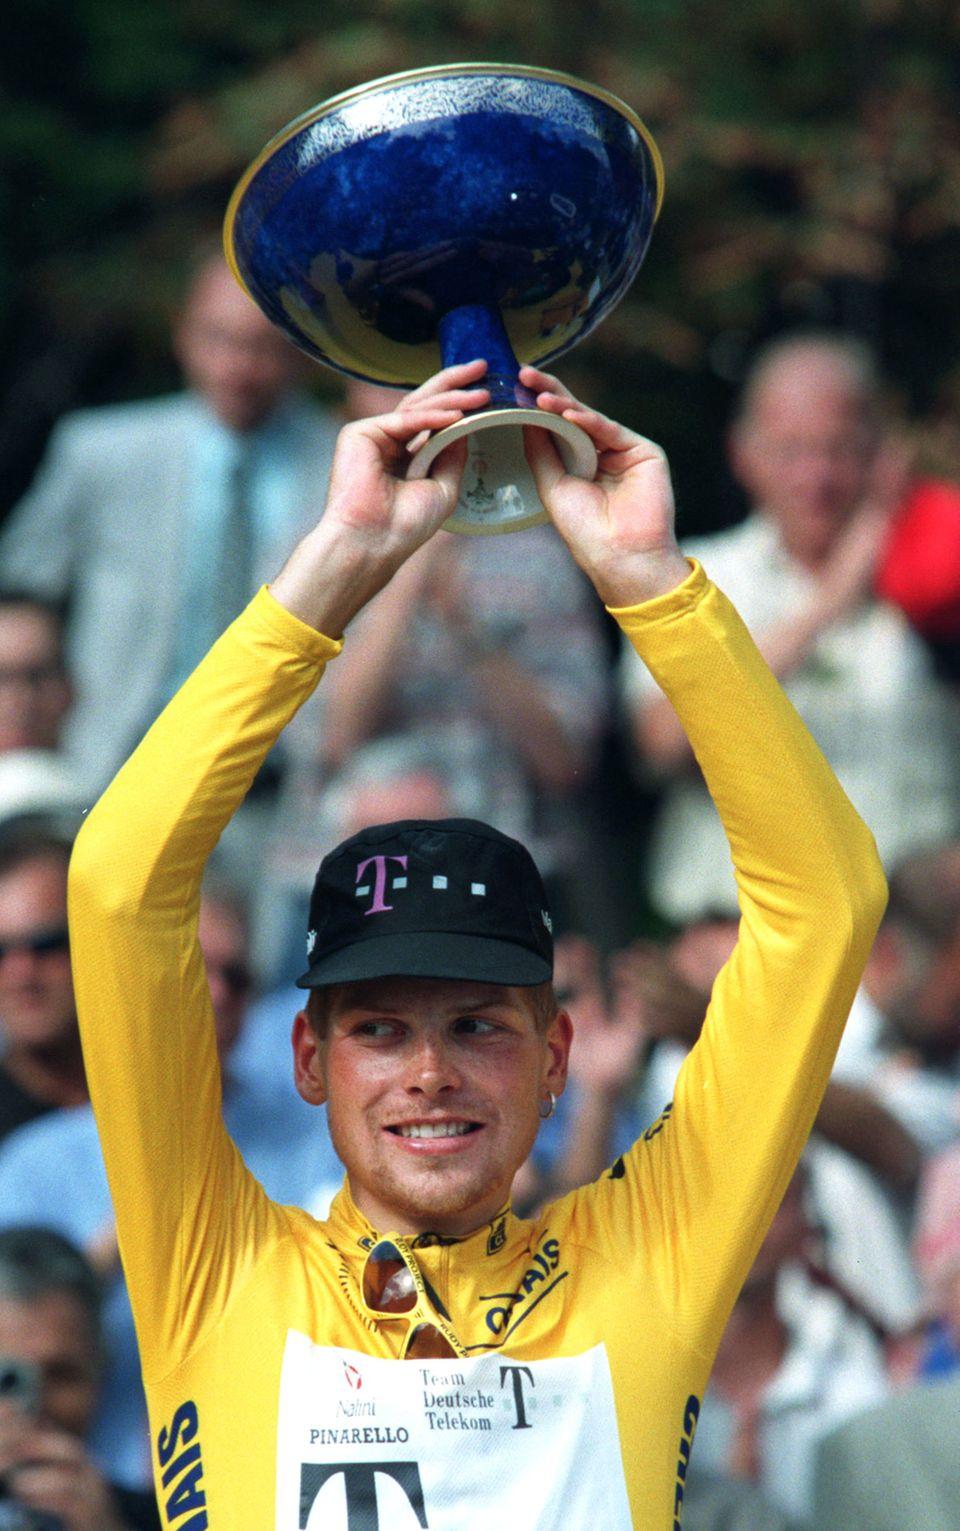 """Nach seinem Tour-de-France-Sieg 1997 galt Jan Ullrich als """"Volksheld auf dem Fahrradsattel"""" (SZ). Zu seinem Karriereende 2007 kam jedoch ans Licht, dass Ullrich massiv gedopt hatte, was er bis heute vehement abstreitet."""